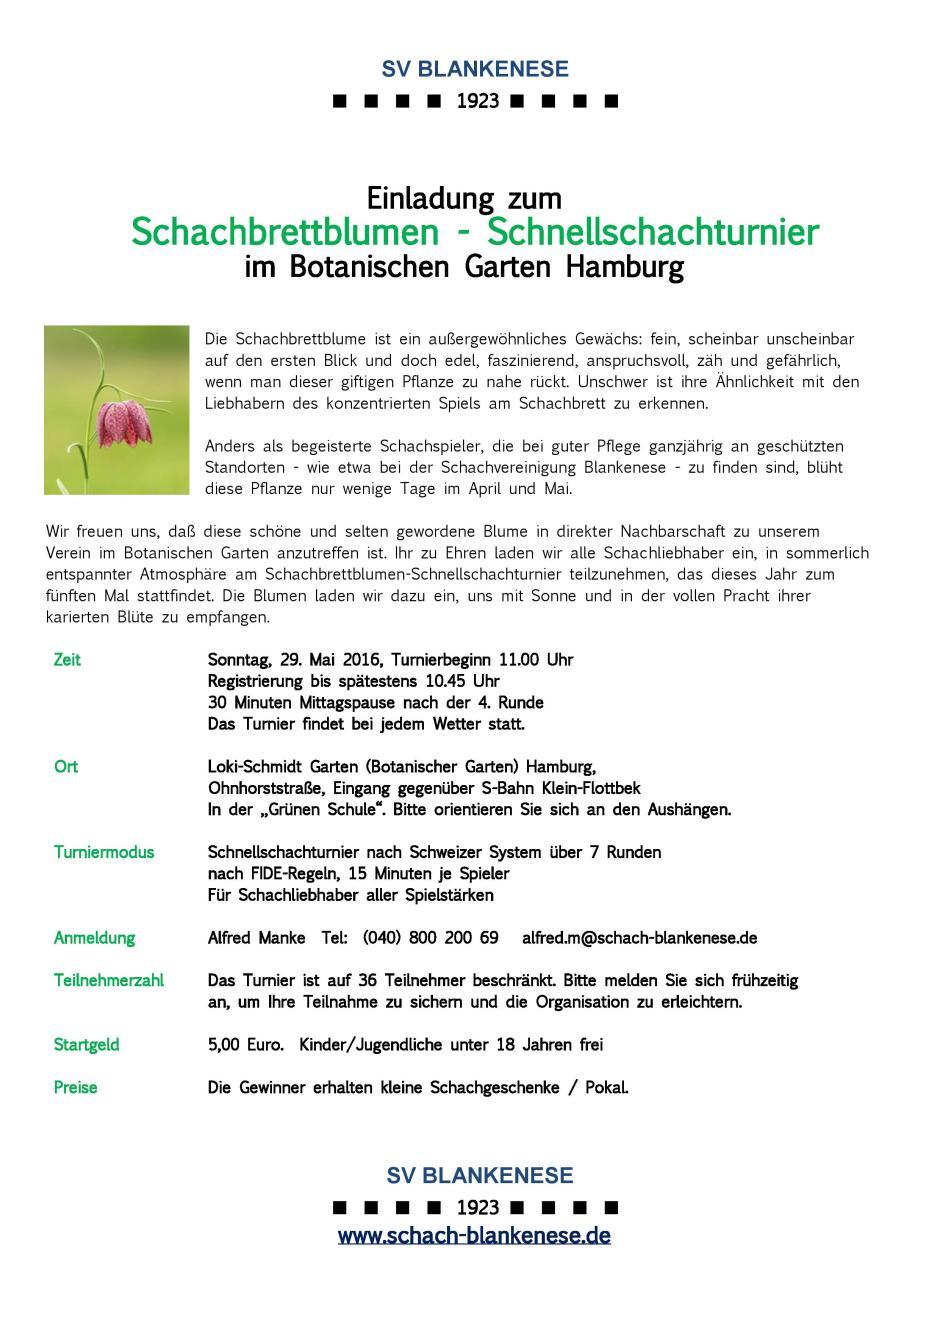 Einladung Schachbrettblumenturnier2016-page-001